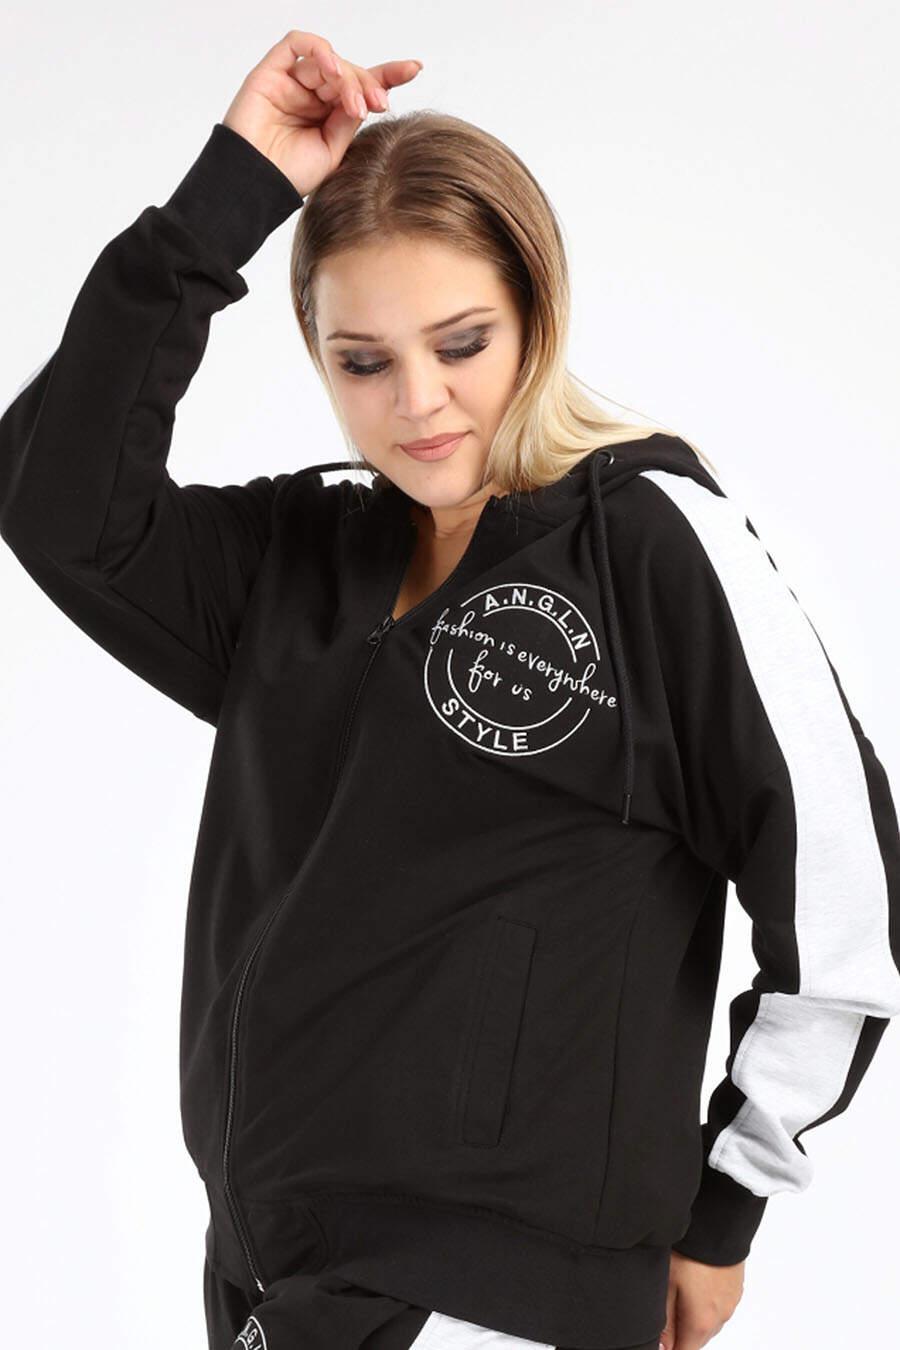 Büyük Beden Spor Giyim Fermuarlı Kapüşonlu Sweatshirt 2527-u